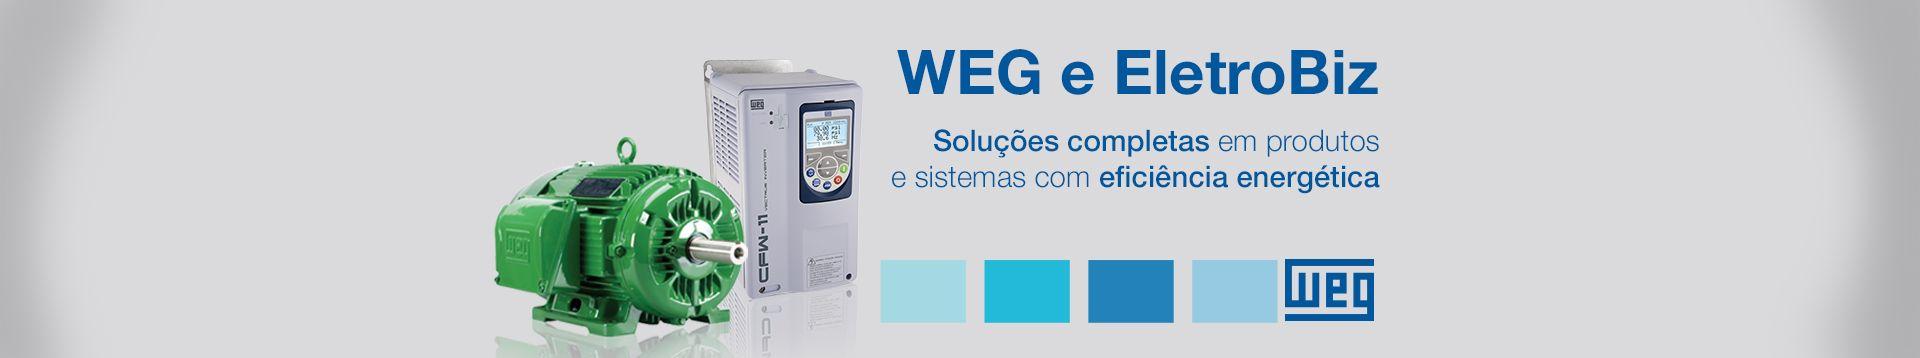 WEG e Eletrobiz